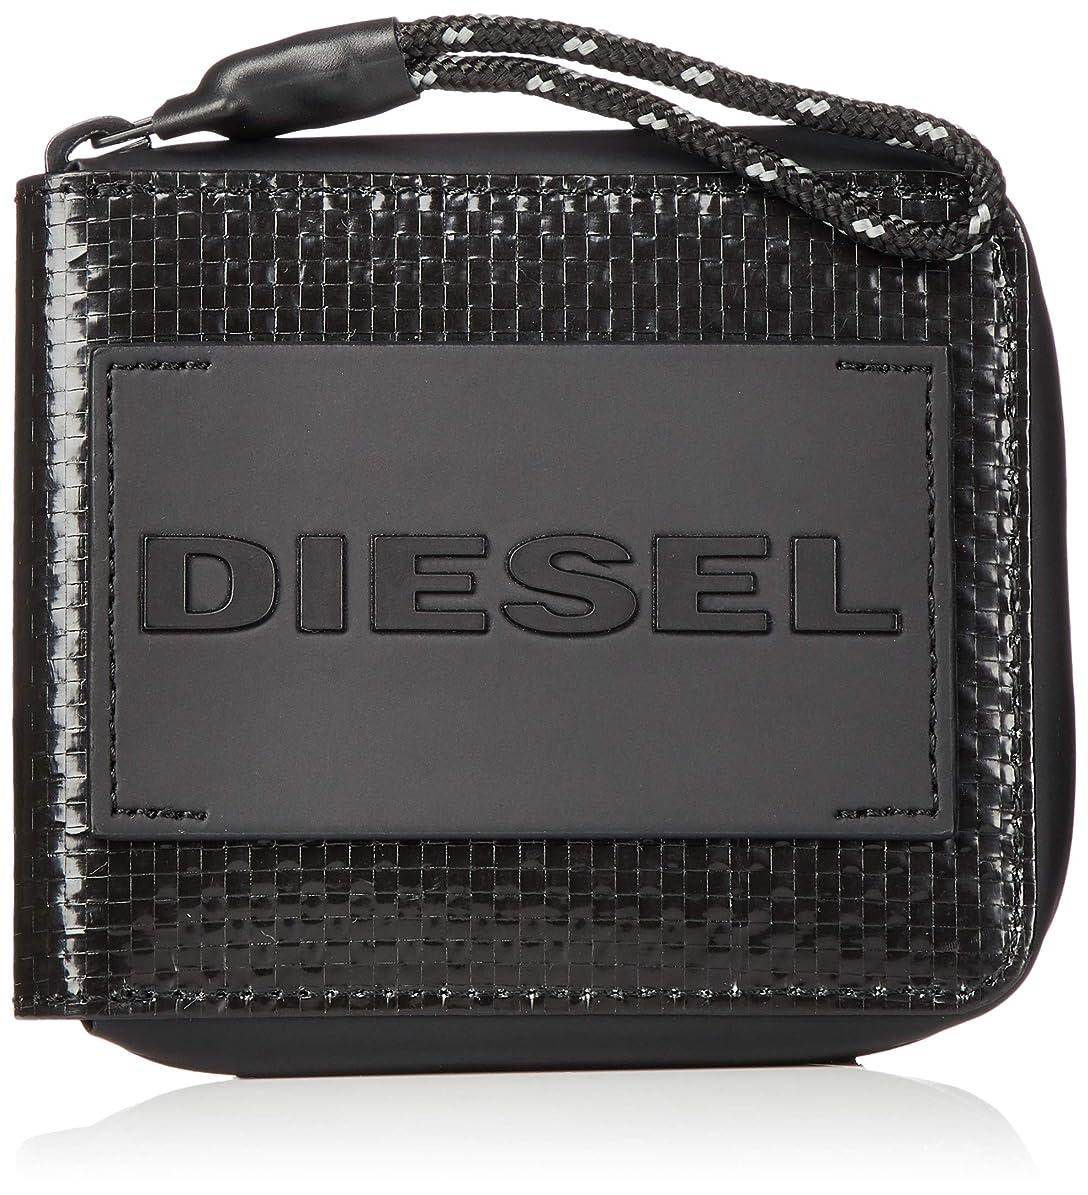 従者取り替えるヤギ(ディーゼル) DIESEL メンズ 財布 二つ折り X06169P2190